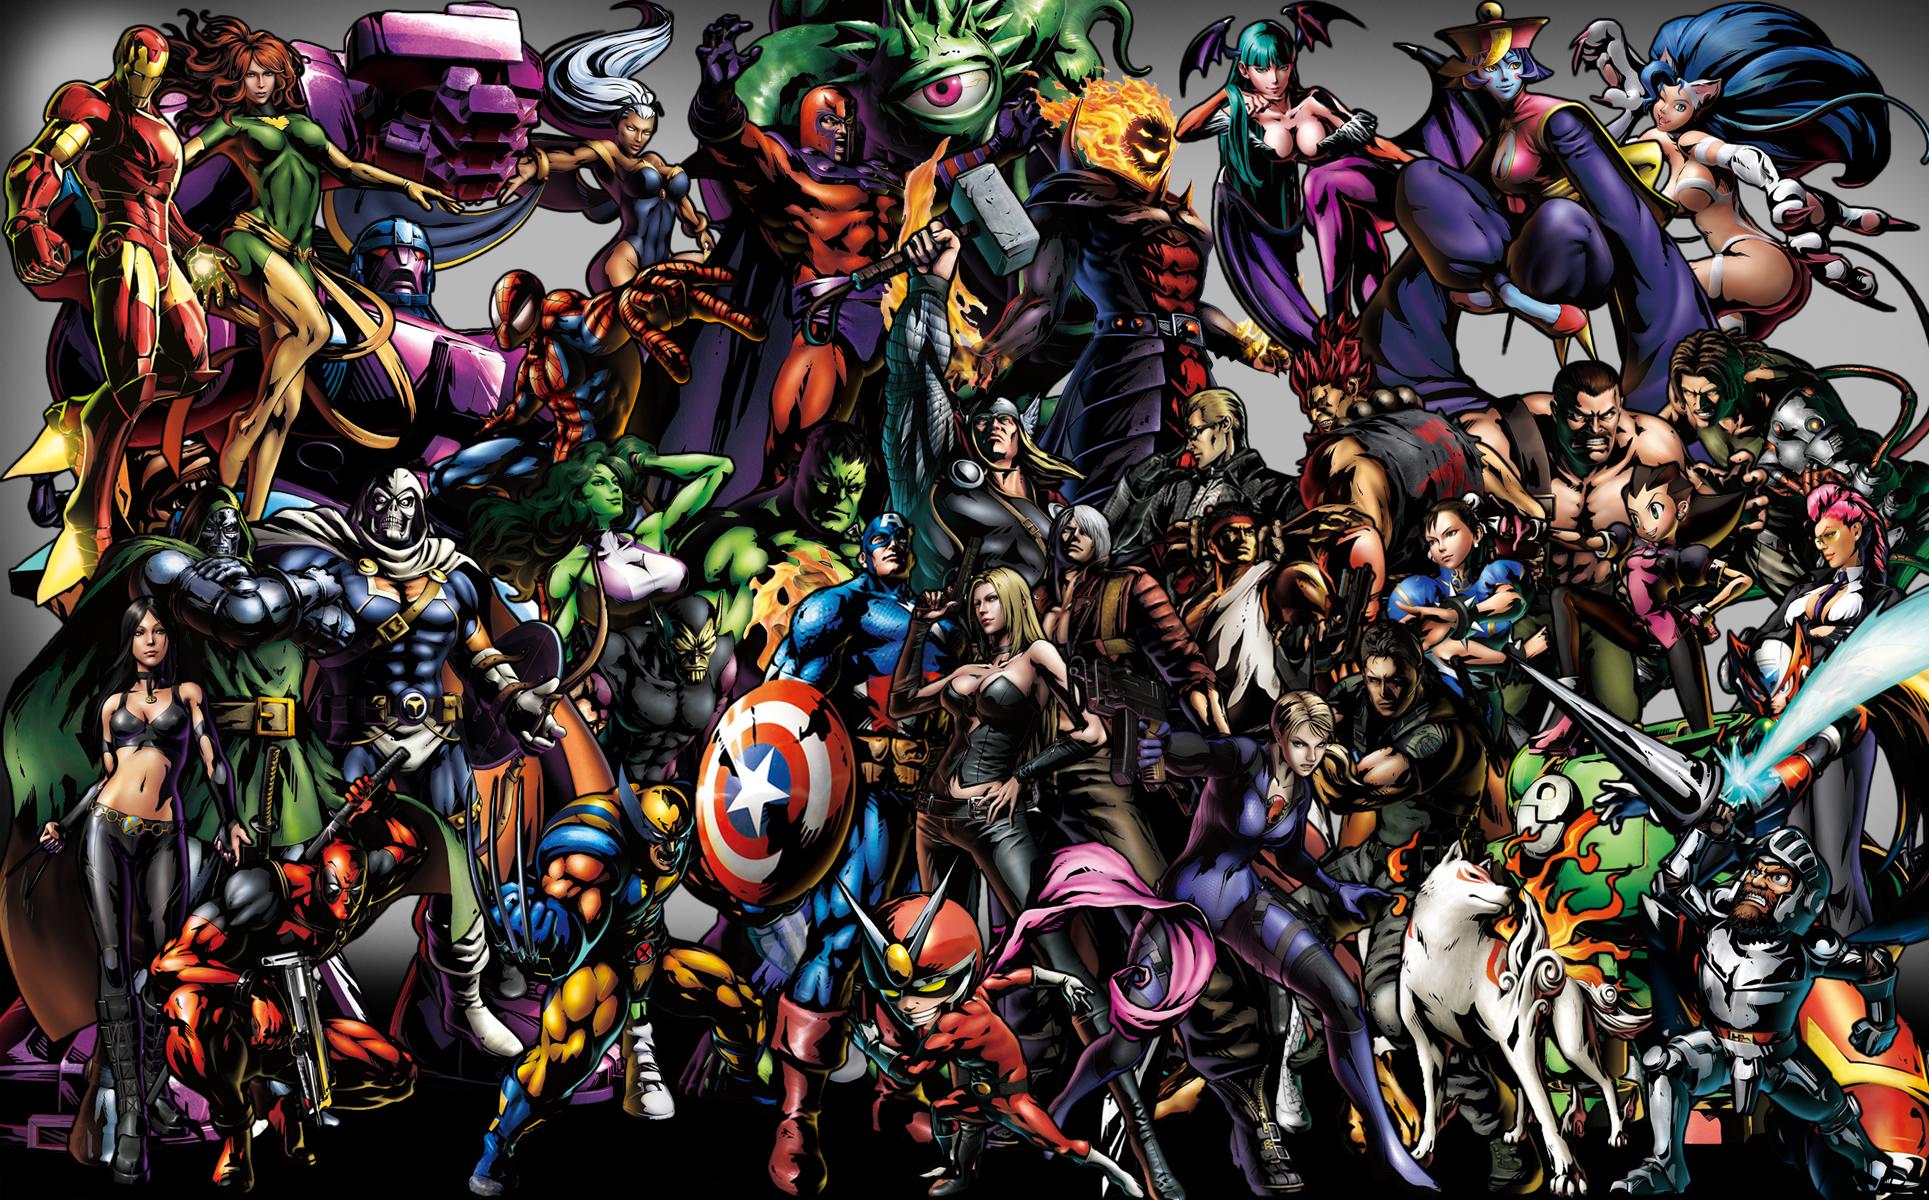 All Marvel Characters Wallpaper - WallpaperSafari